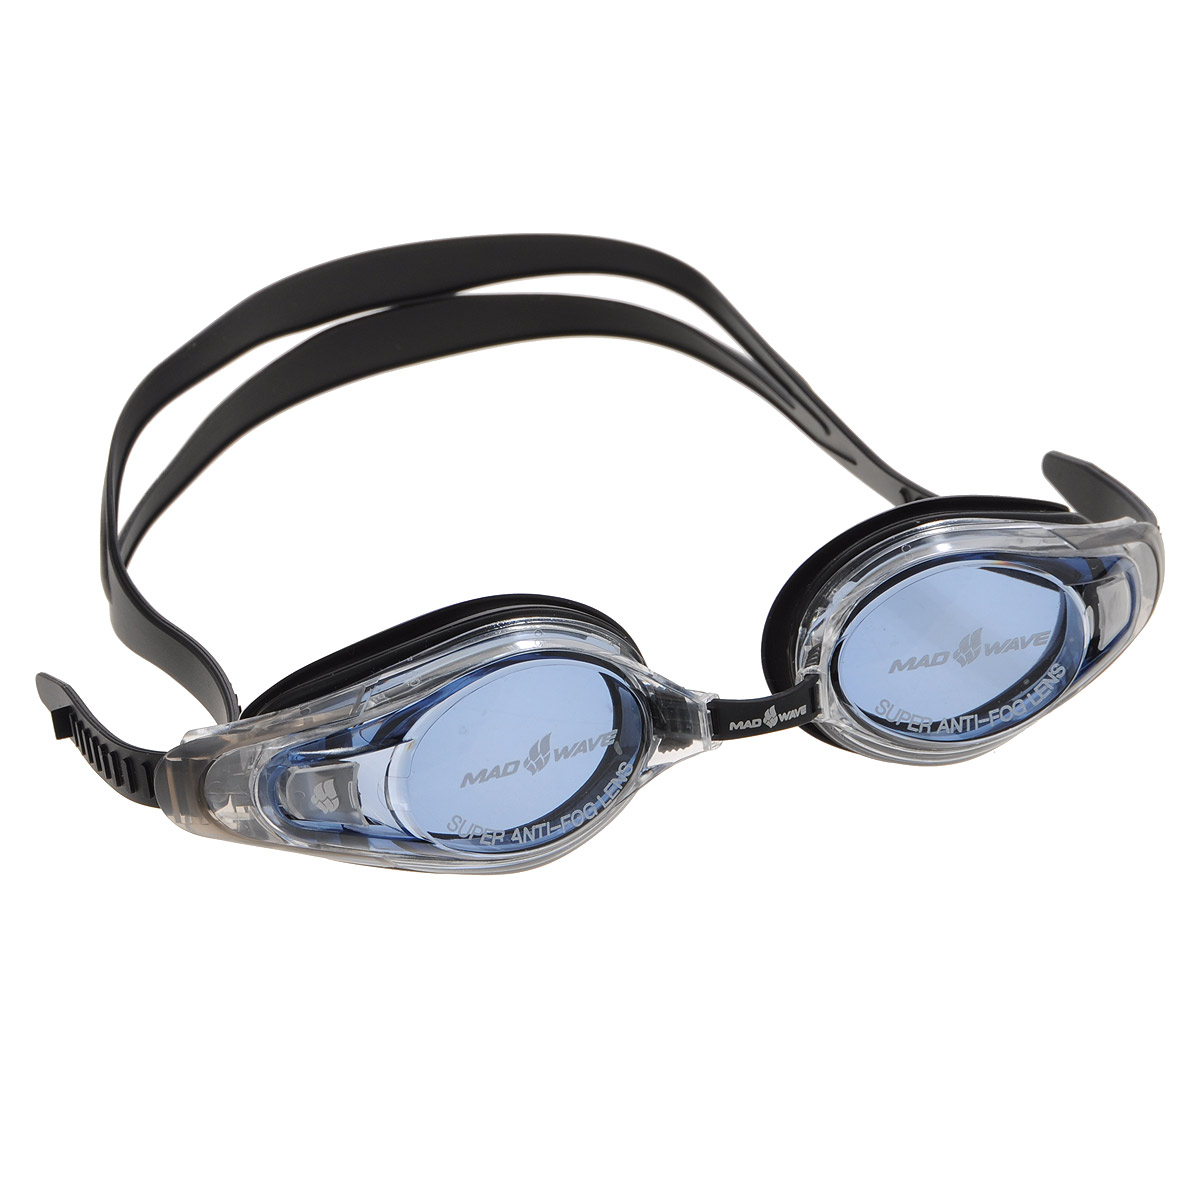 Очки для плавания с диоптриями MadWave Optic Envy Automatic, цвет: черный, -1,5M0458 08 0 06WОчки для плавания с диоптриями MadWave Optic Envy Automatic. Выполнены из поликарбоната и силикона.Особенности: Удобные очки с оптической силой -1,5.Система автоматической регулировки ремешков на корпусе очков.Защита от ультрафиолетовых лучей.Антизапотевающие стекла.Регулируемая восьмиступенчатая носовая перемычка.Сменная линза.Надежная безклеевая фиксация обтюратора.Плоский силиконовый ремешок.